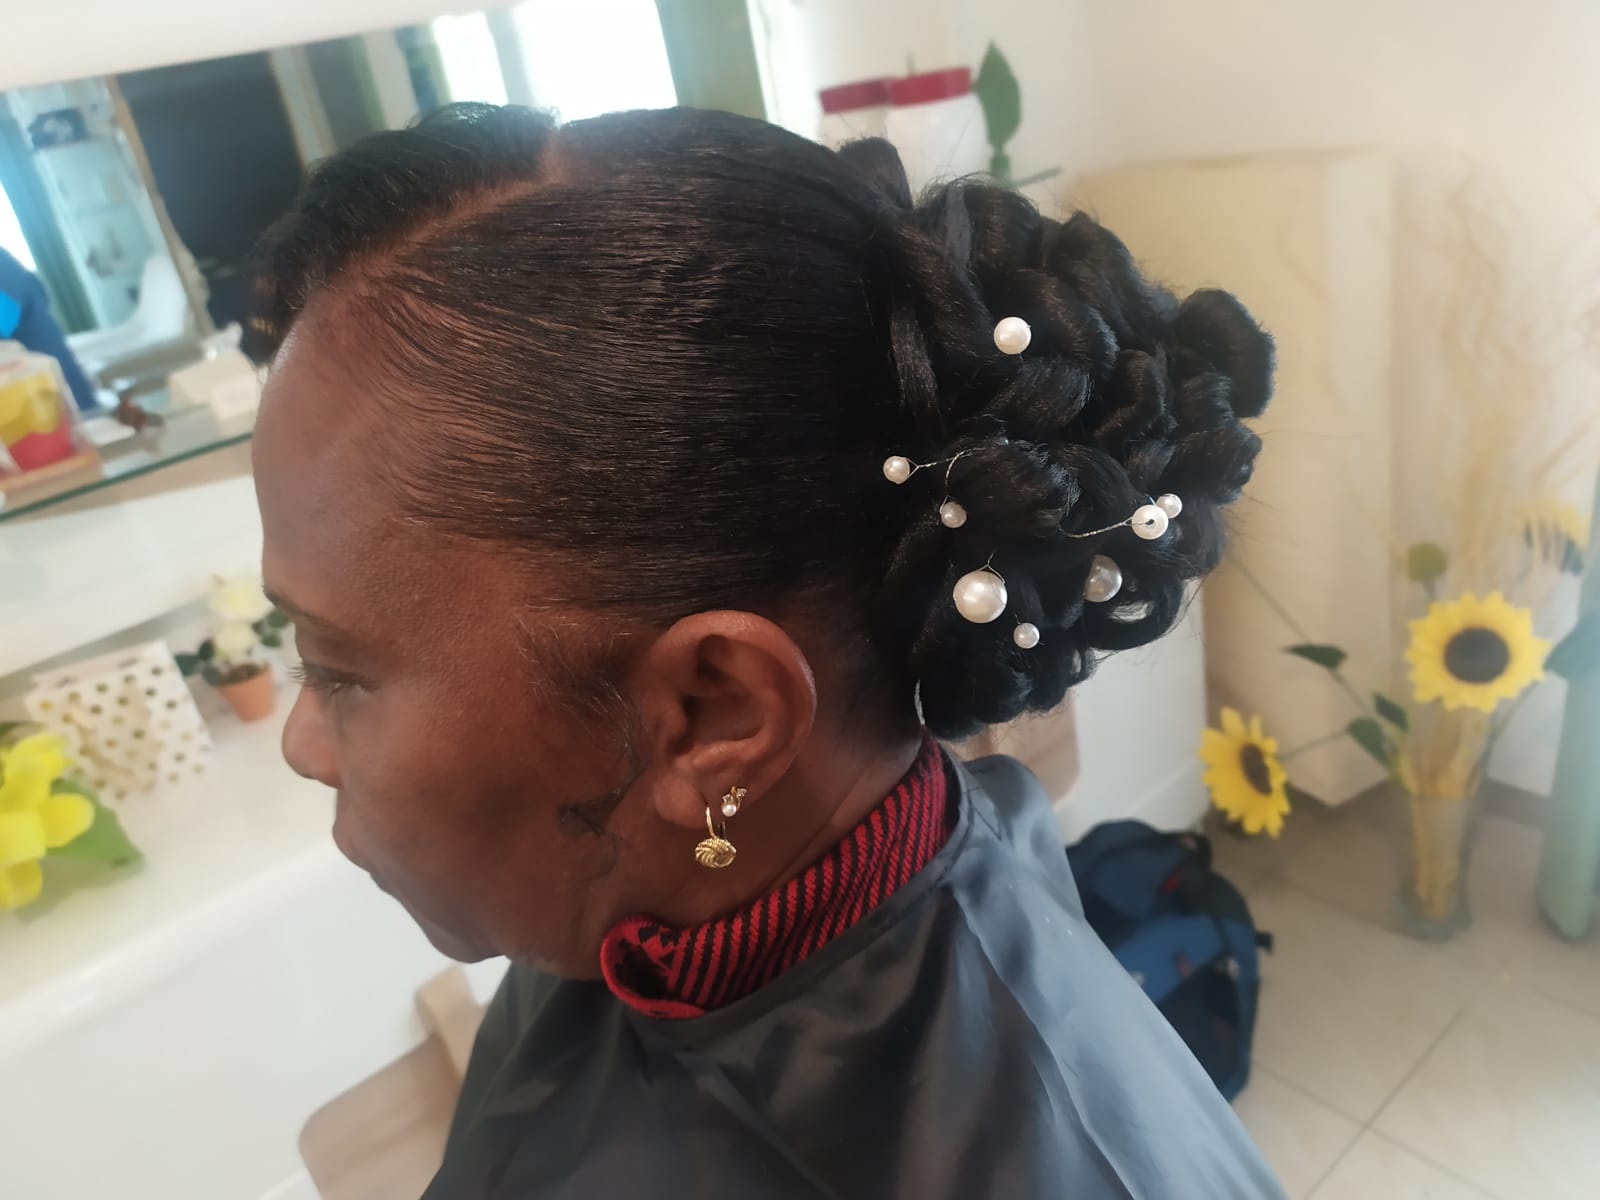 salon de coiffure afro tresse tresses box braids crochet braids vanilles tissages paris 75 77 78 91 92 93 94 95 ZUJVCMNP